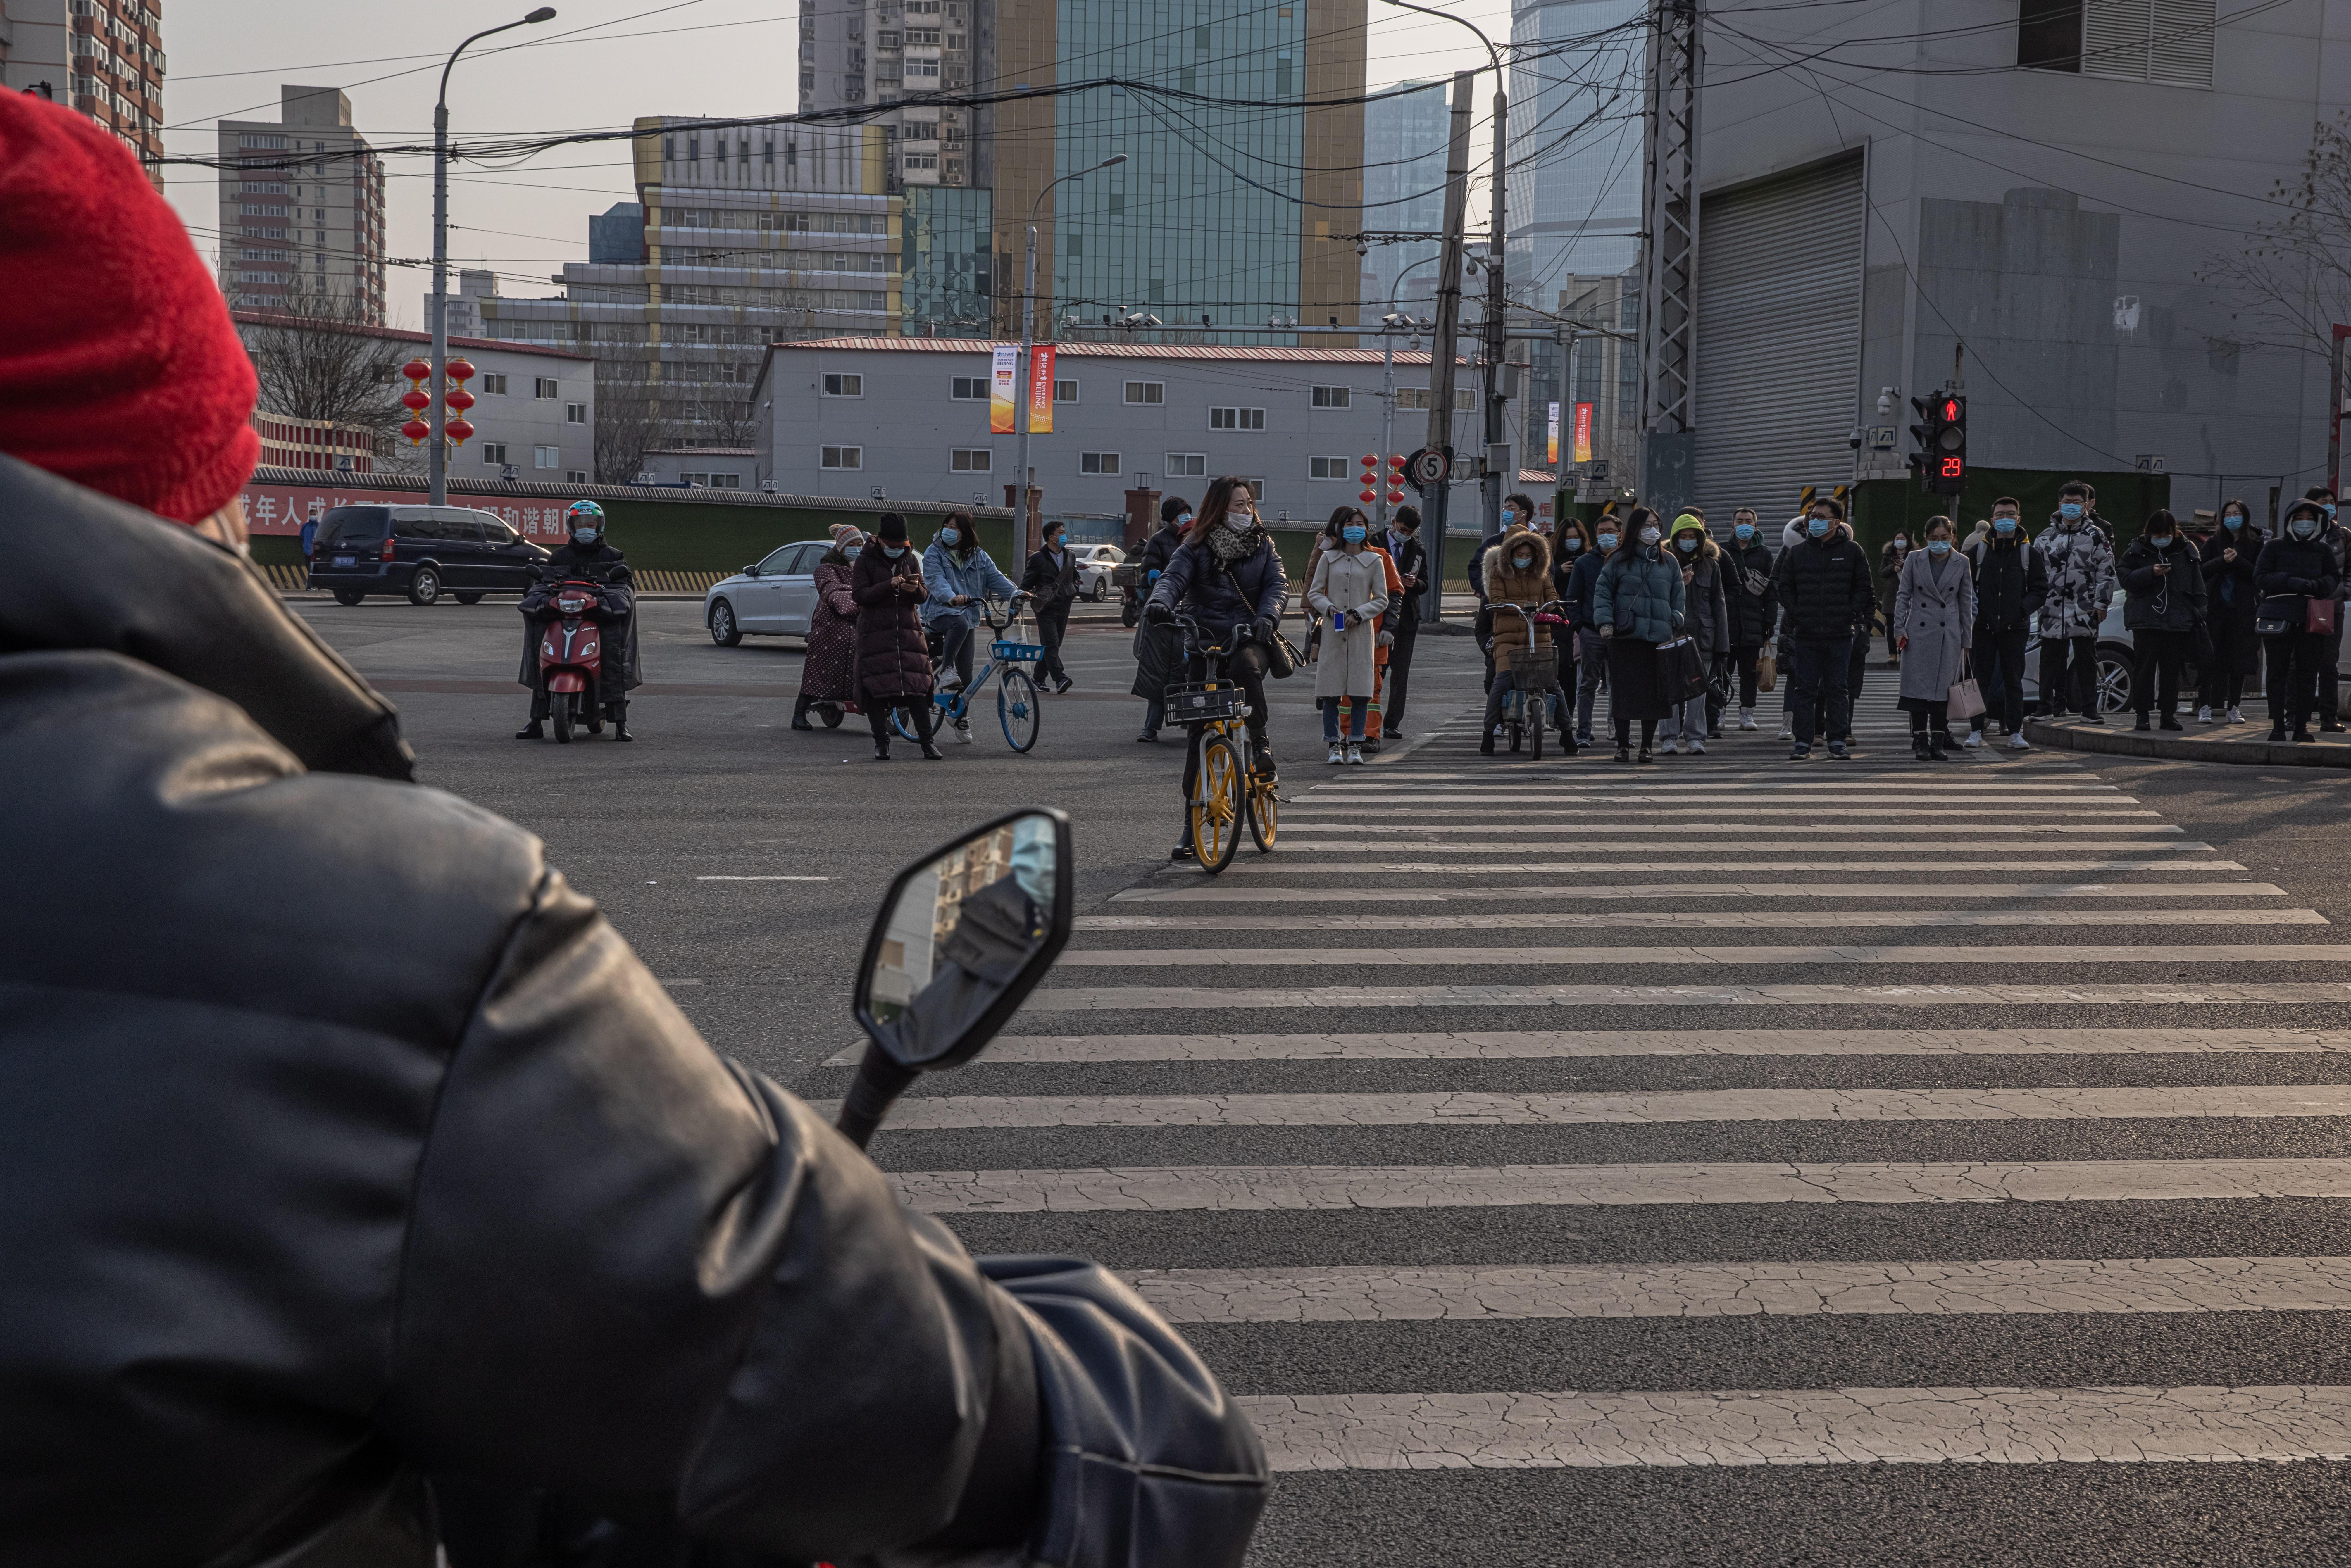 Un paso de cebra en Pekín China.